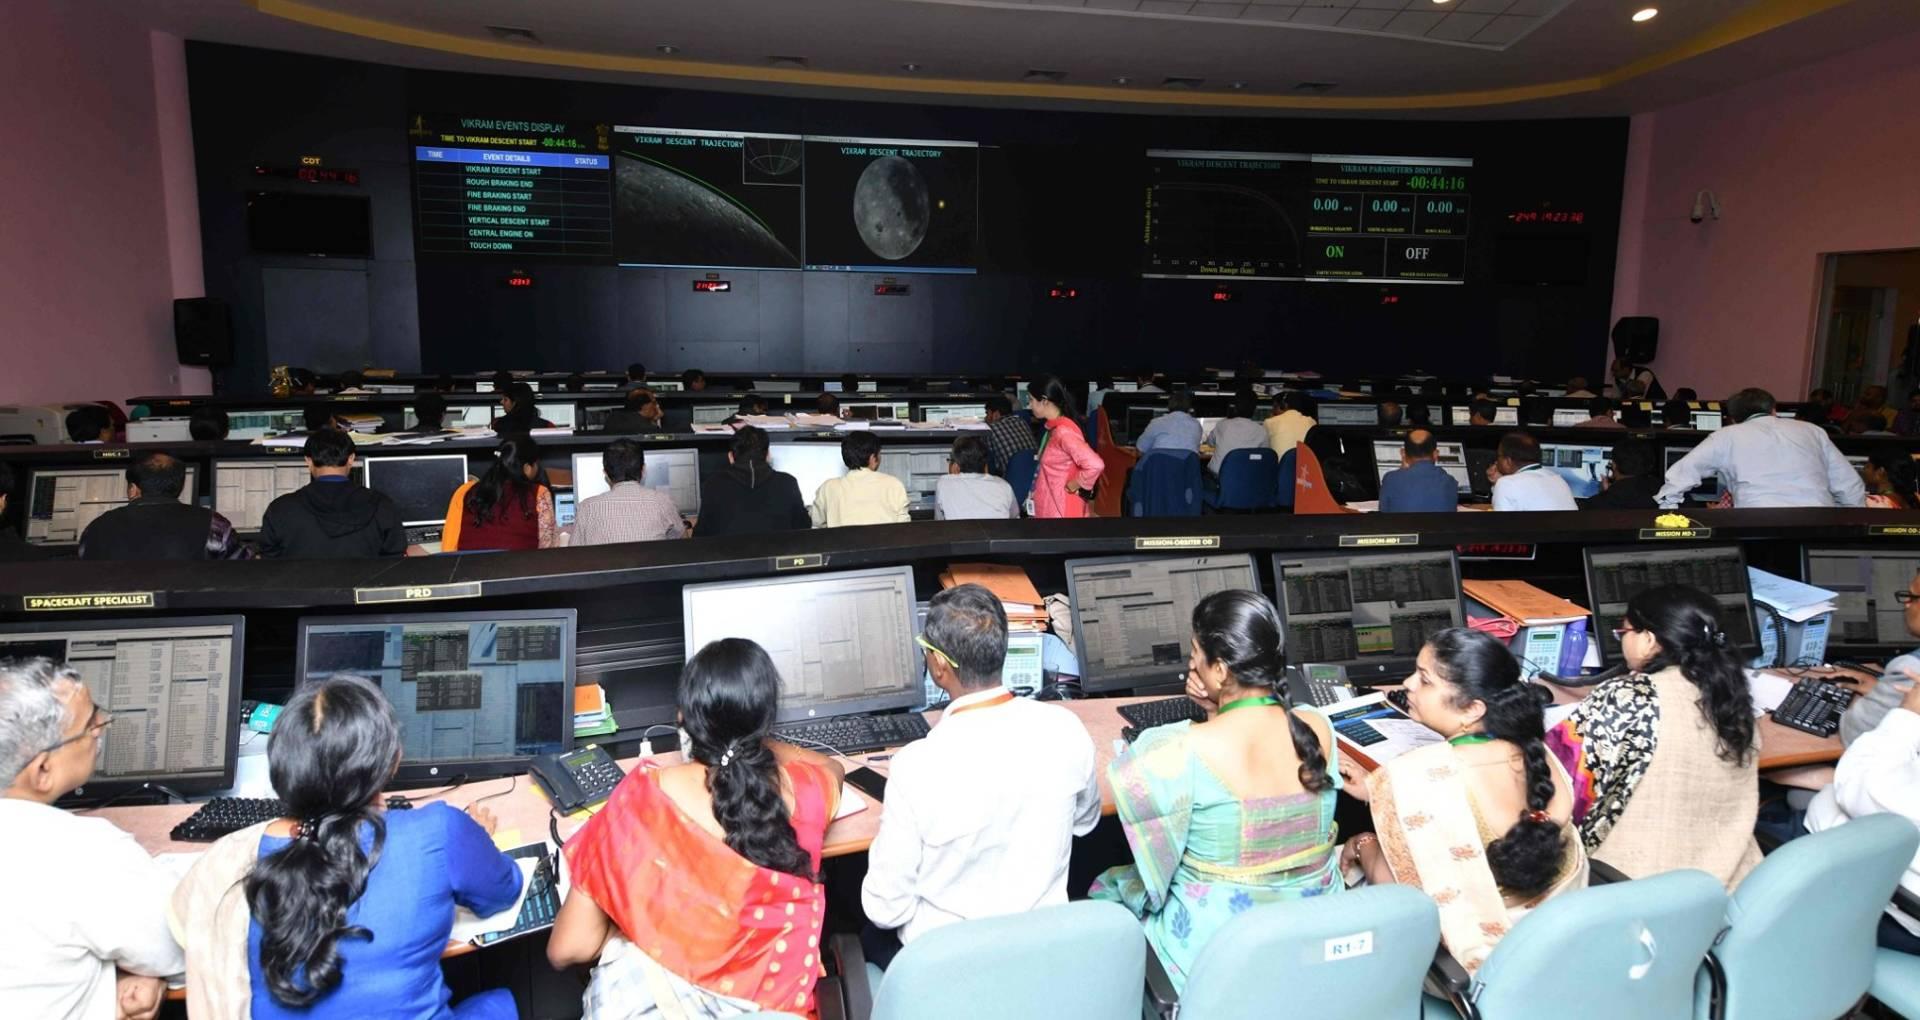 Chandrayan 2: चंद्रमा की सतह पर सही सलामत दिखा विक्रम लैंडर, संपर्क बनाने की कोशिश में जुटे ISRO के वैज्ञानिक